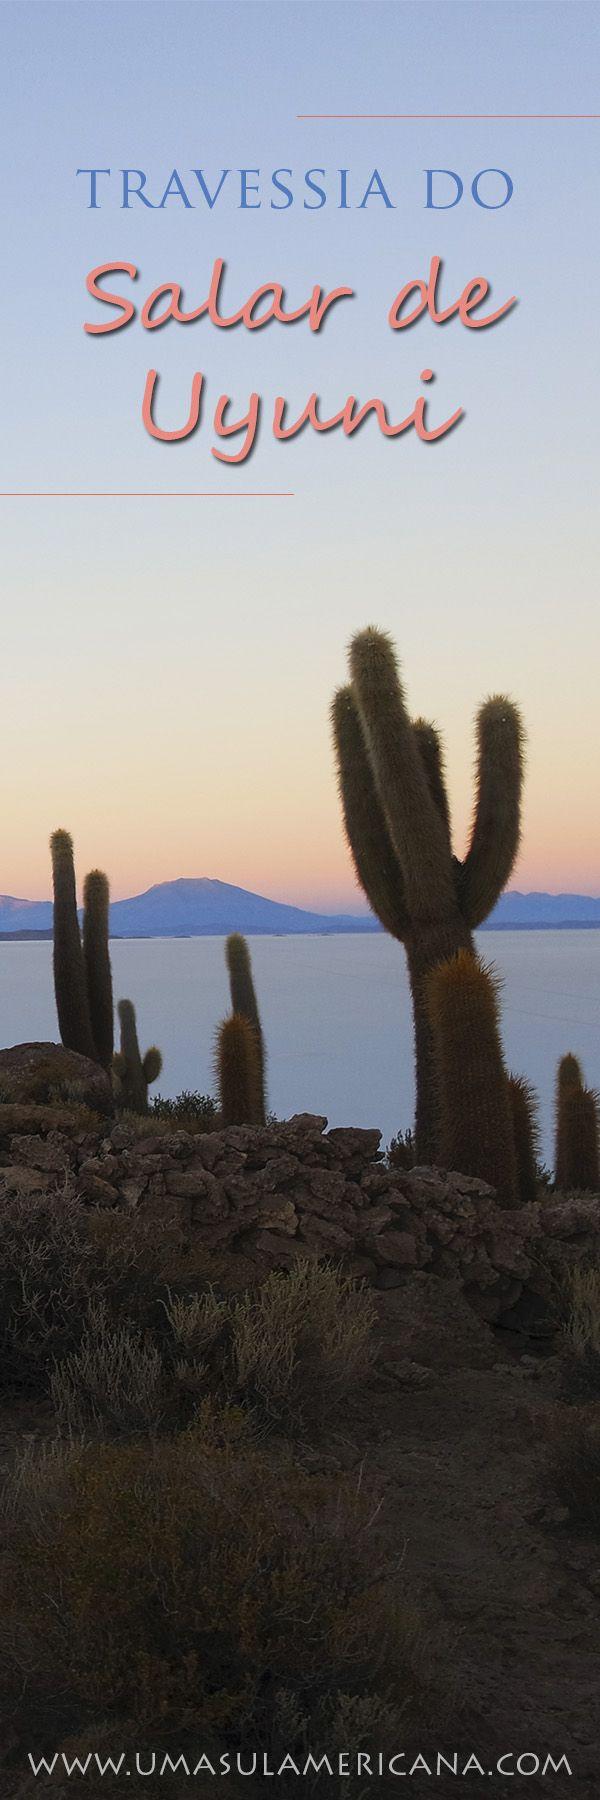 Destinos na Bolívia -  Travessia de 3 dias pelo Salar de Uyuni. Veja como é o dia a dia do tour pelo maior deserto de sal desde San Pedro do Atacama. Veja também quais são as opções para conhecer o Salar de Uyuni: 3 dias, 4 dias ou full day. América do Sul ♥ South America ♥ Bolívia ♥ Nature ♥ Travel ♥ Destinos ♥ Lugares ♥ Uyuni Salt Flats